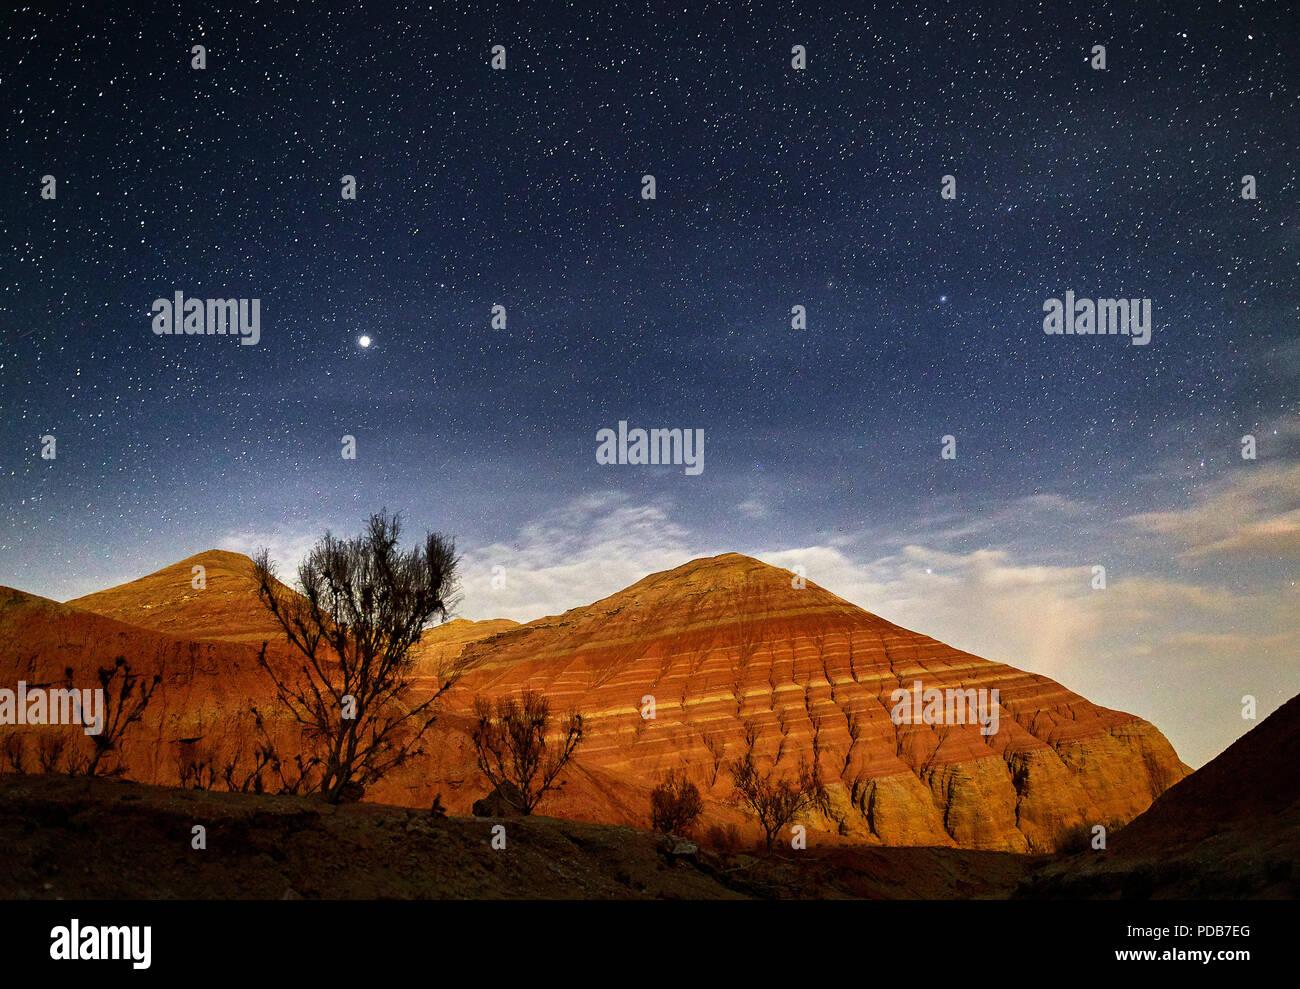 Montañas rojas en el cañón desierto por la noche el cielo estrellado de fondo. Fotografía Astronómica del espacio y del paisaje. Imagen De Stock